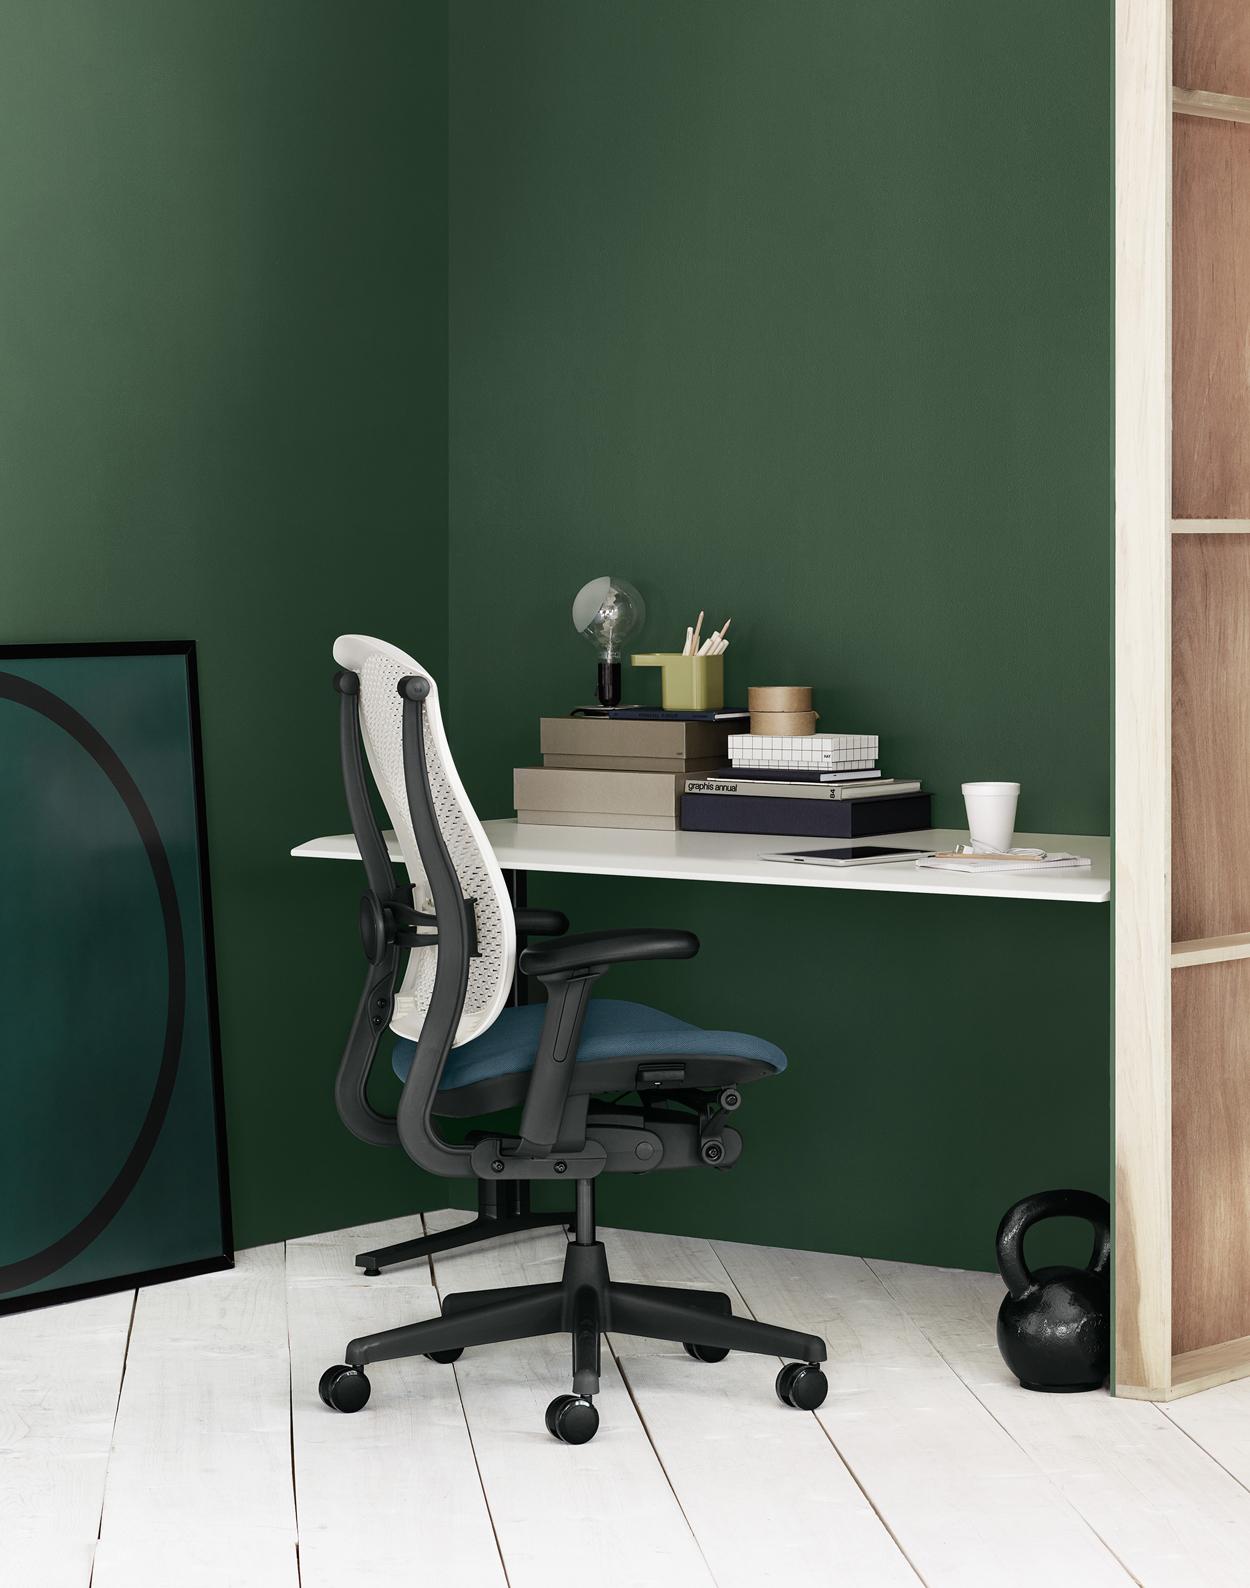 Deze Celle-stoel van Herman Miller is ontworpen voor allerlei omgevingen en ook perfect voor jouw werkkamer, thuiskantoor of studeerkamer.